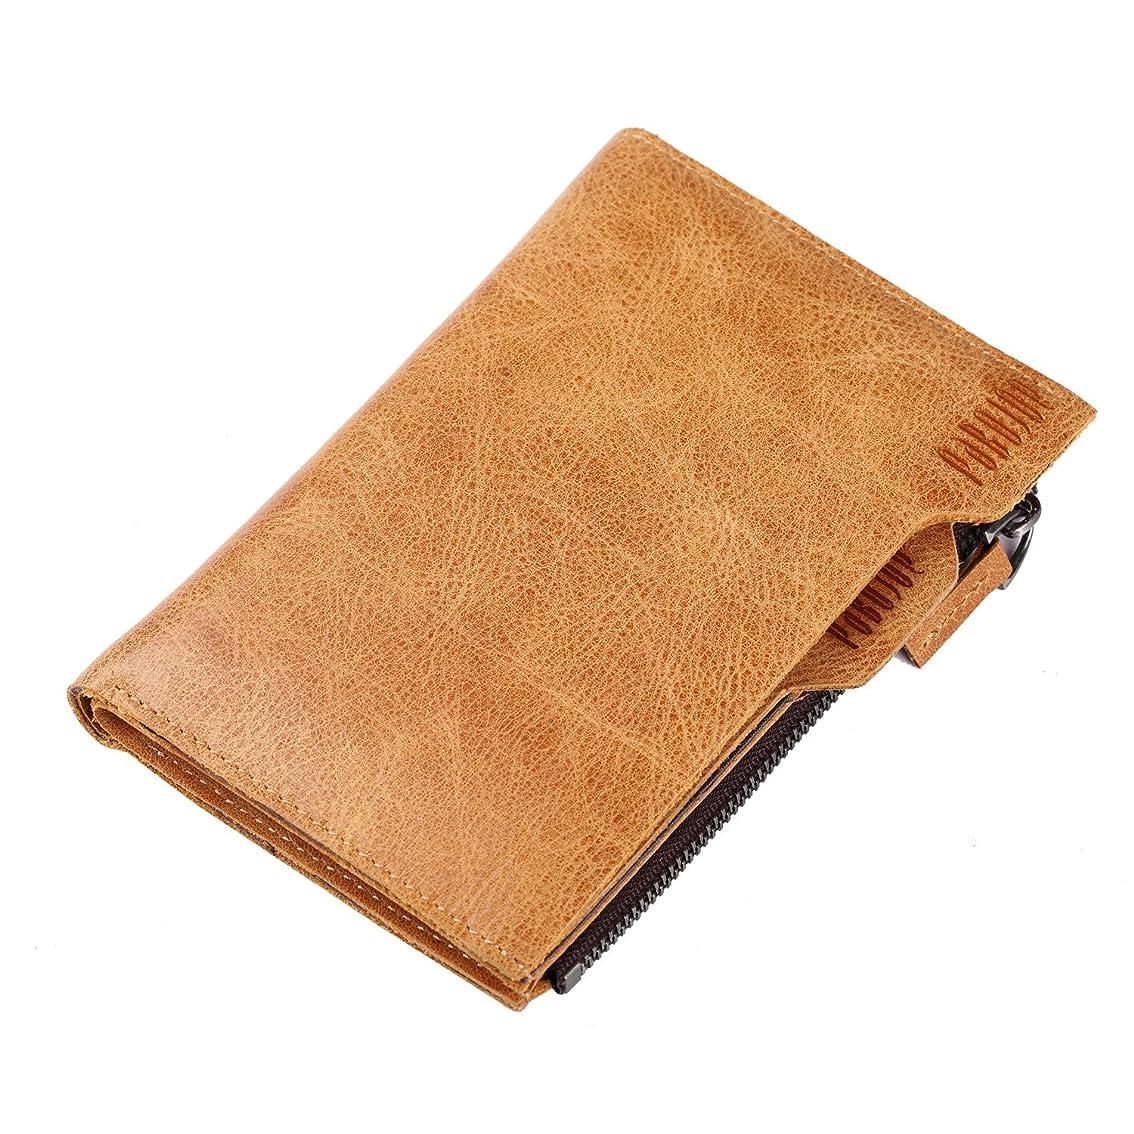 失敗ありそうバウンス短財布 二つ折り カードケース付き カード入れ 本革 牛革 メンズ 多機能 お札入れ 縦型財布 パボジョエ Pabojoe(イエロー色)